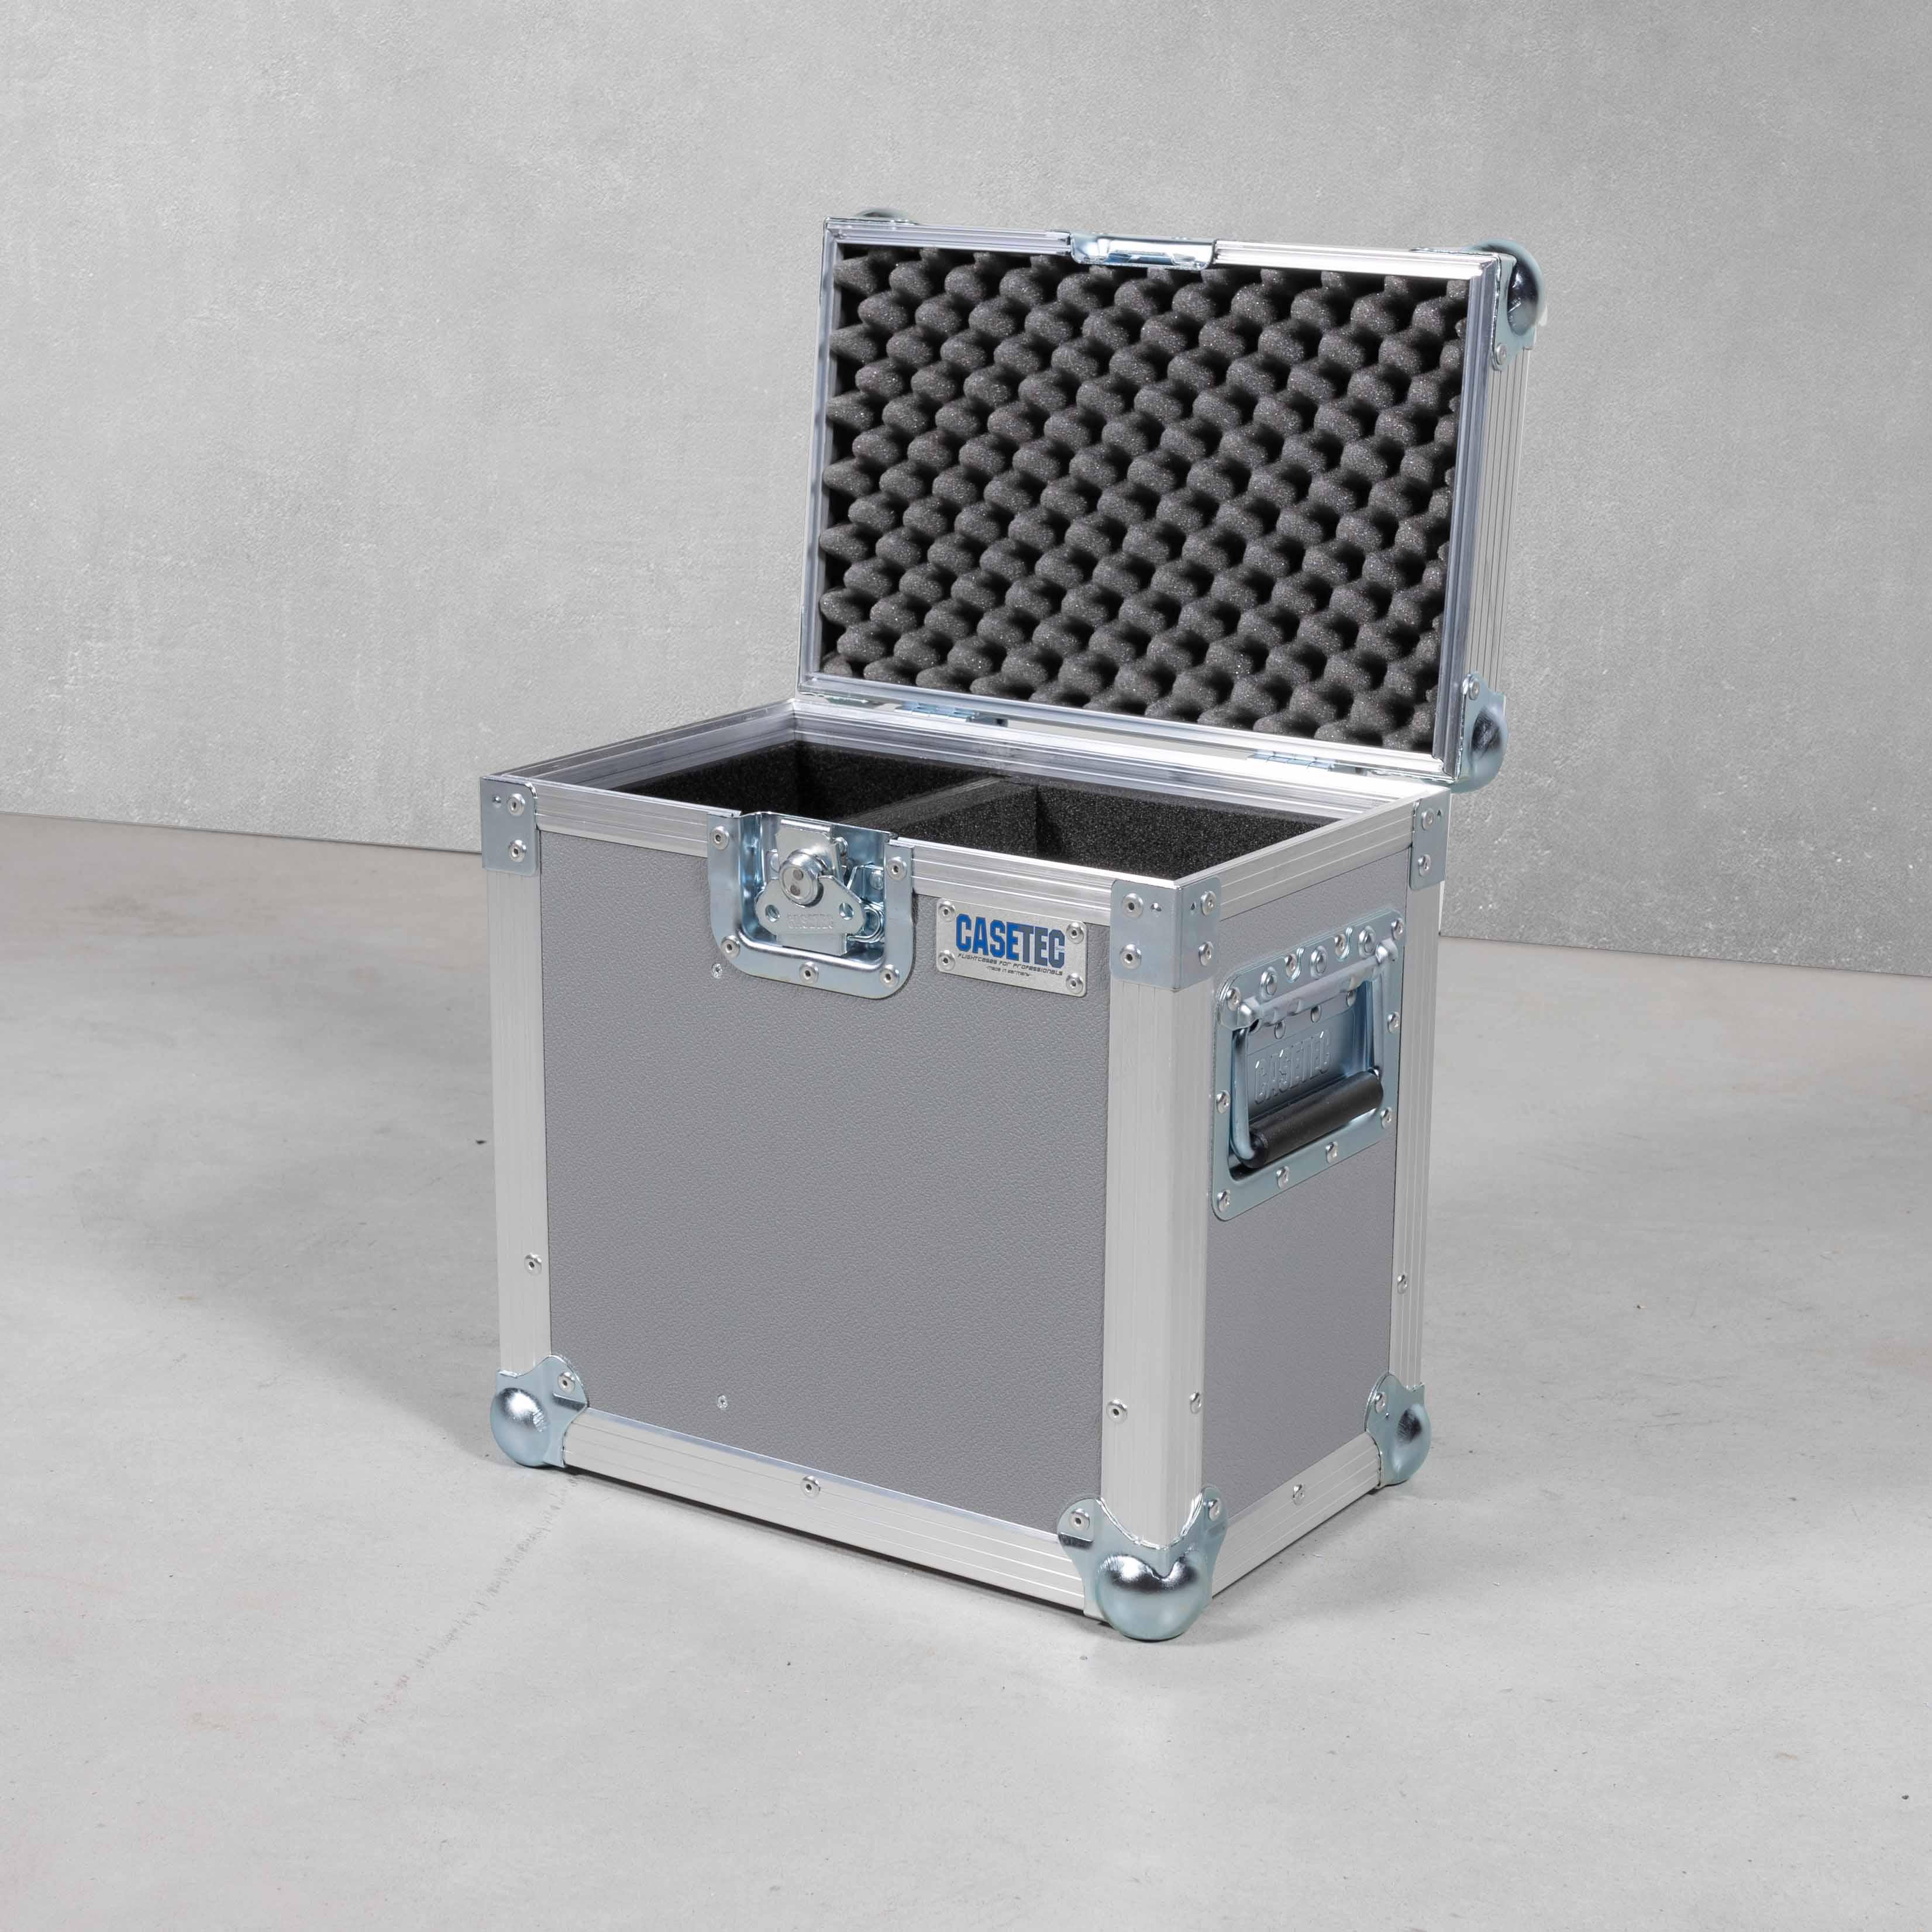 Flightcase für eine Panasonic AW-HE42W/K